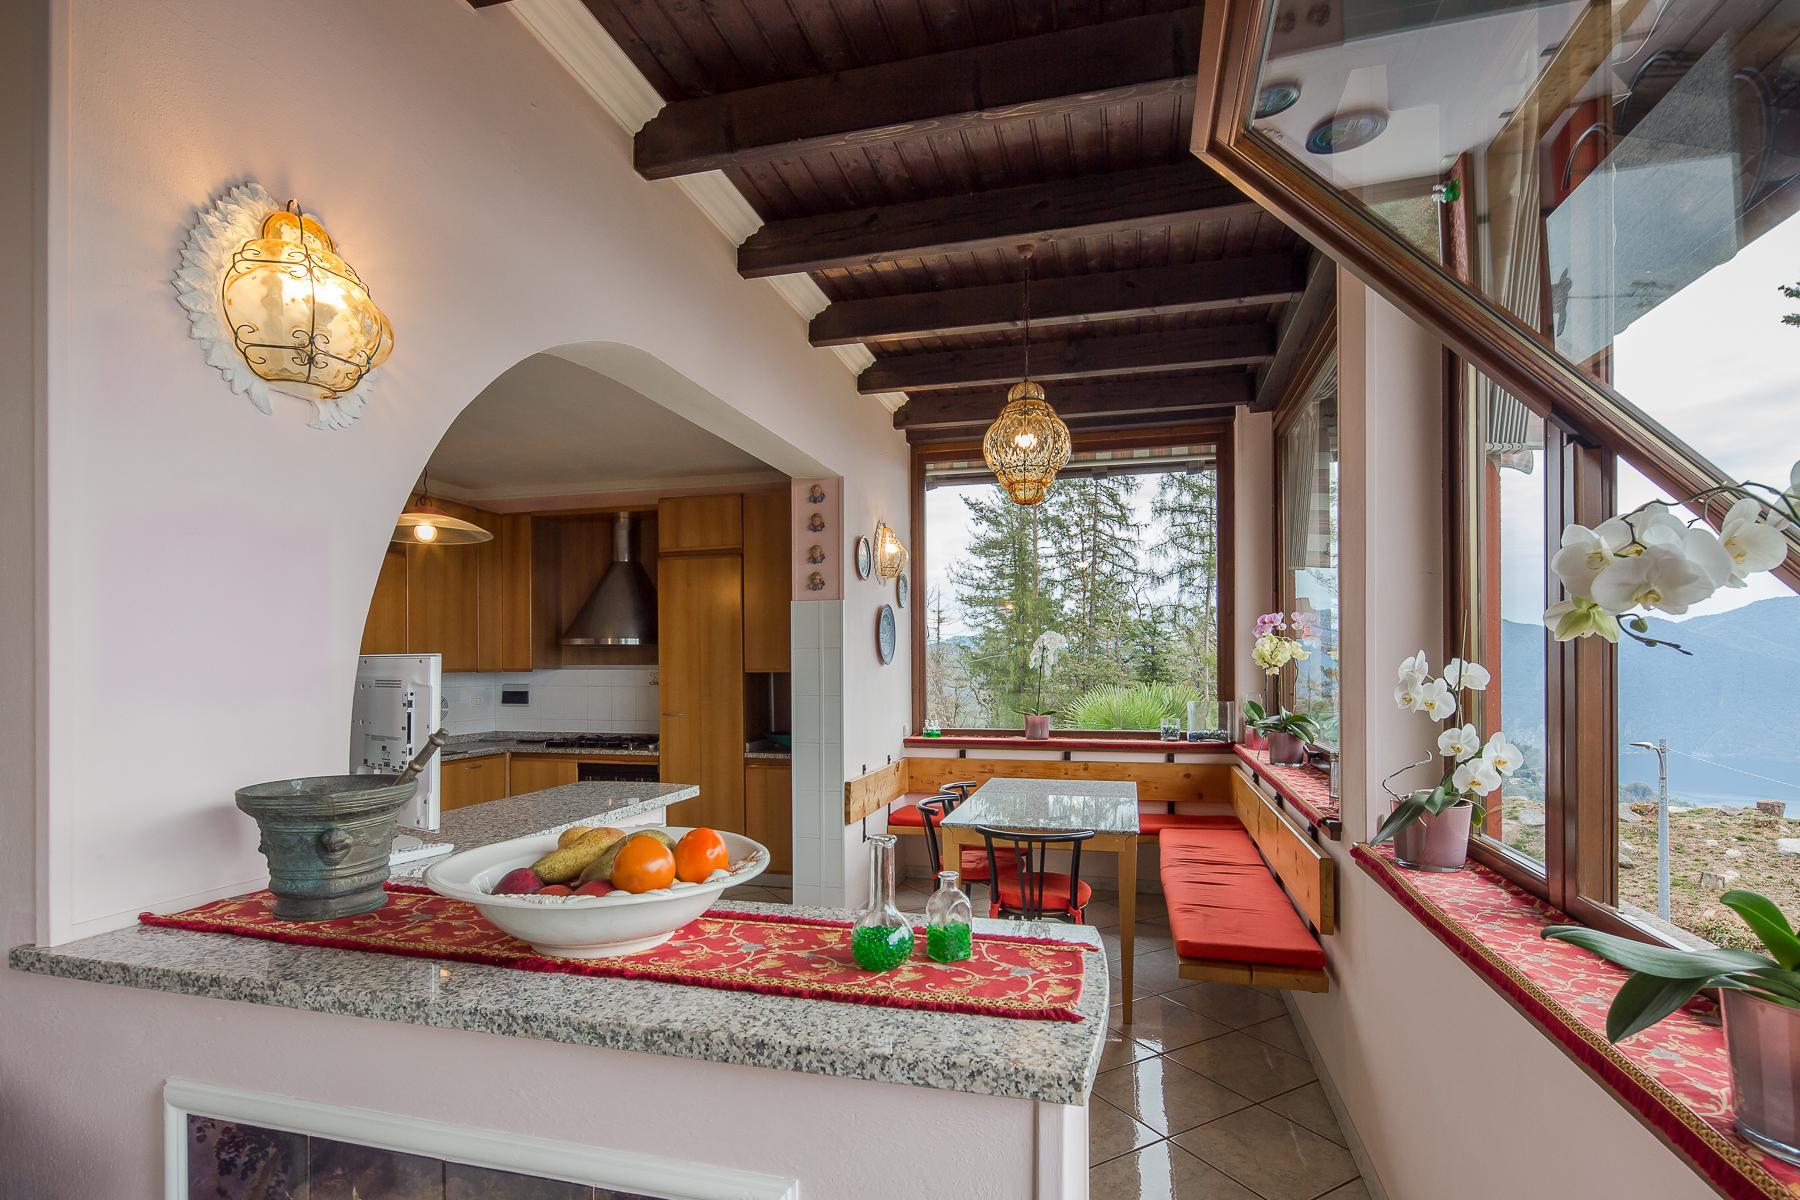 Villa unifamiliare nella zona collinare di Verbania con vista magnifica sul lago - 25